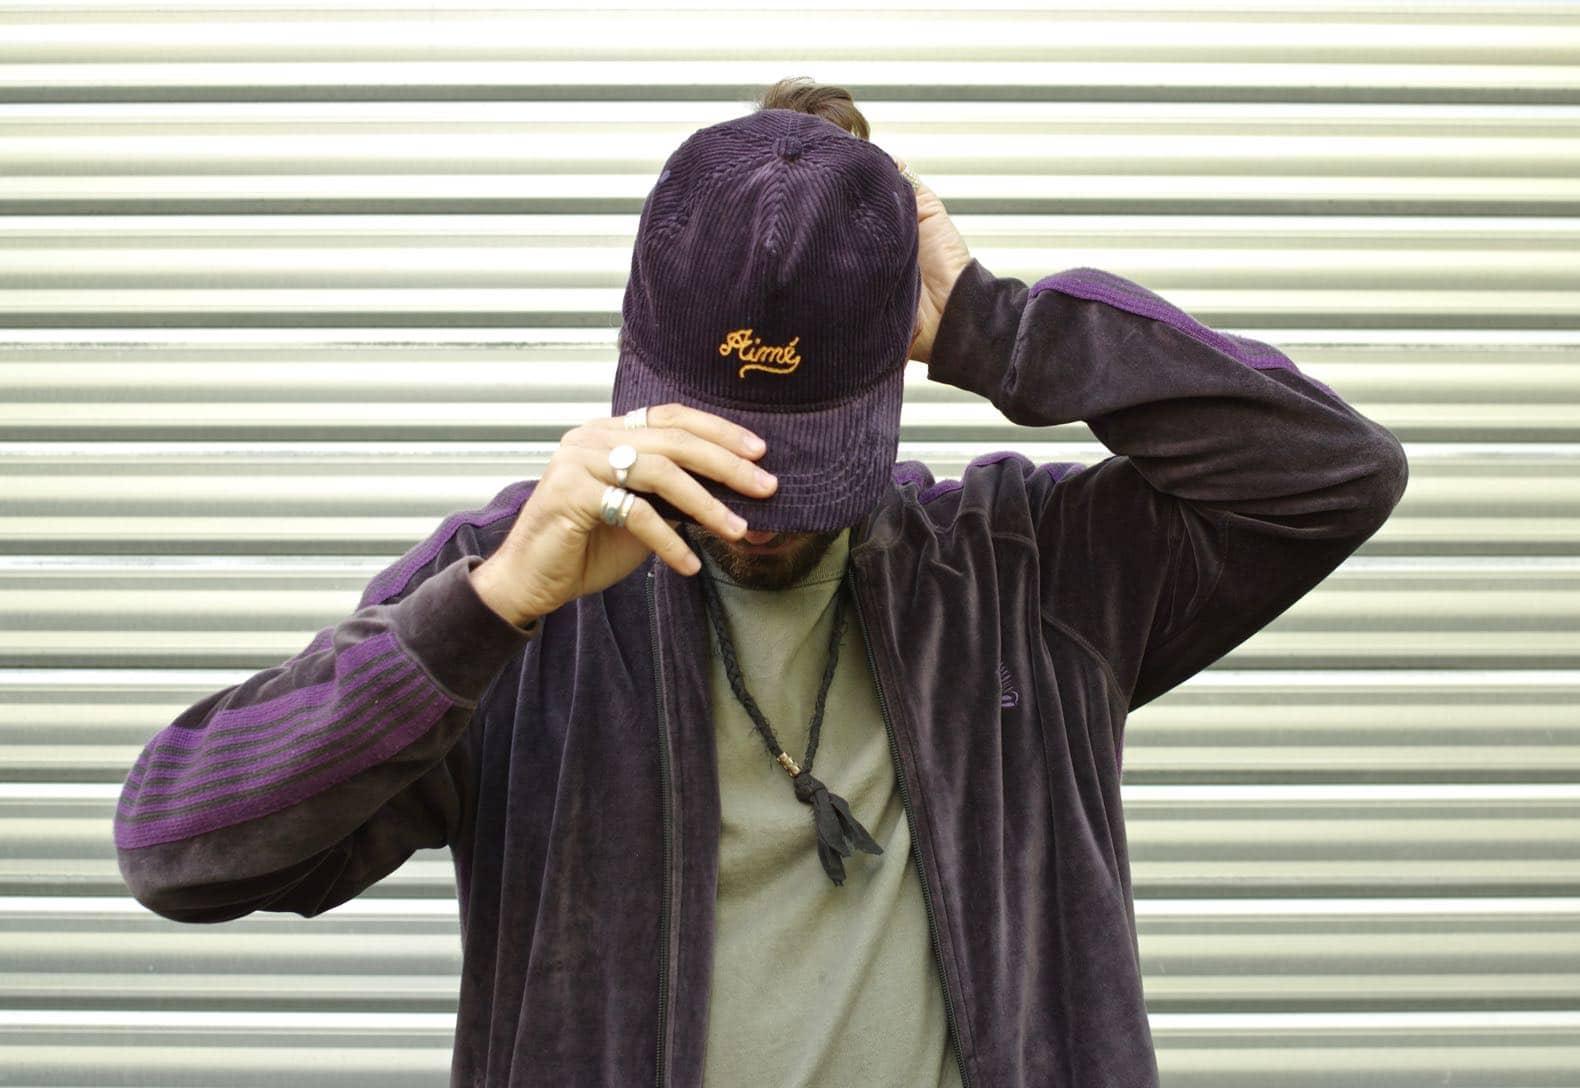 casuqette marque aimé leon dore en velours violet